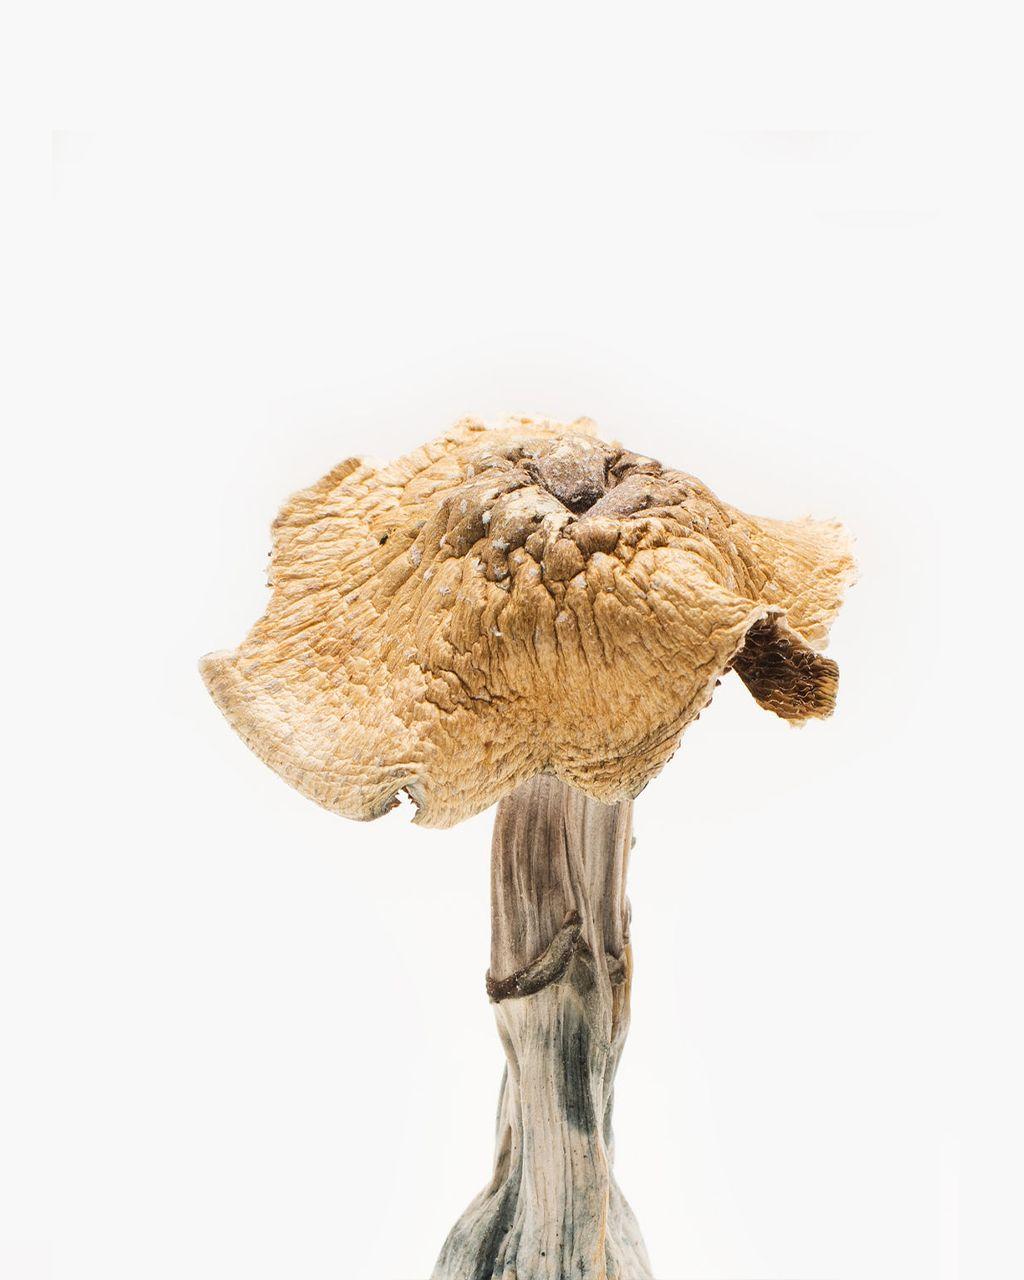 Burmese Magic Mushrooms